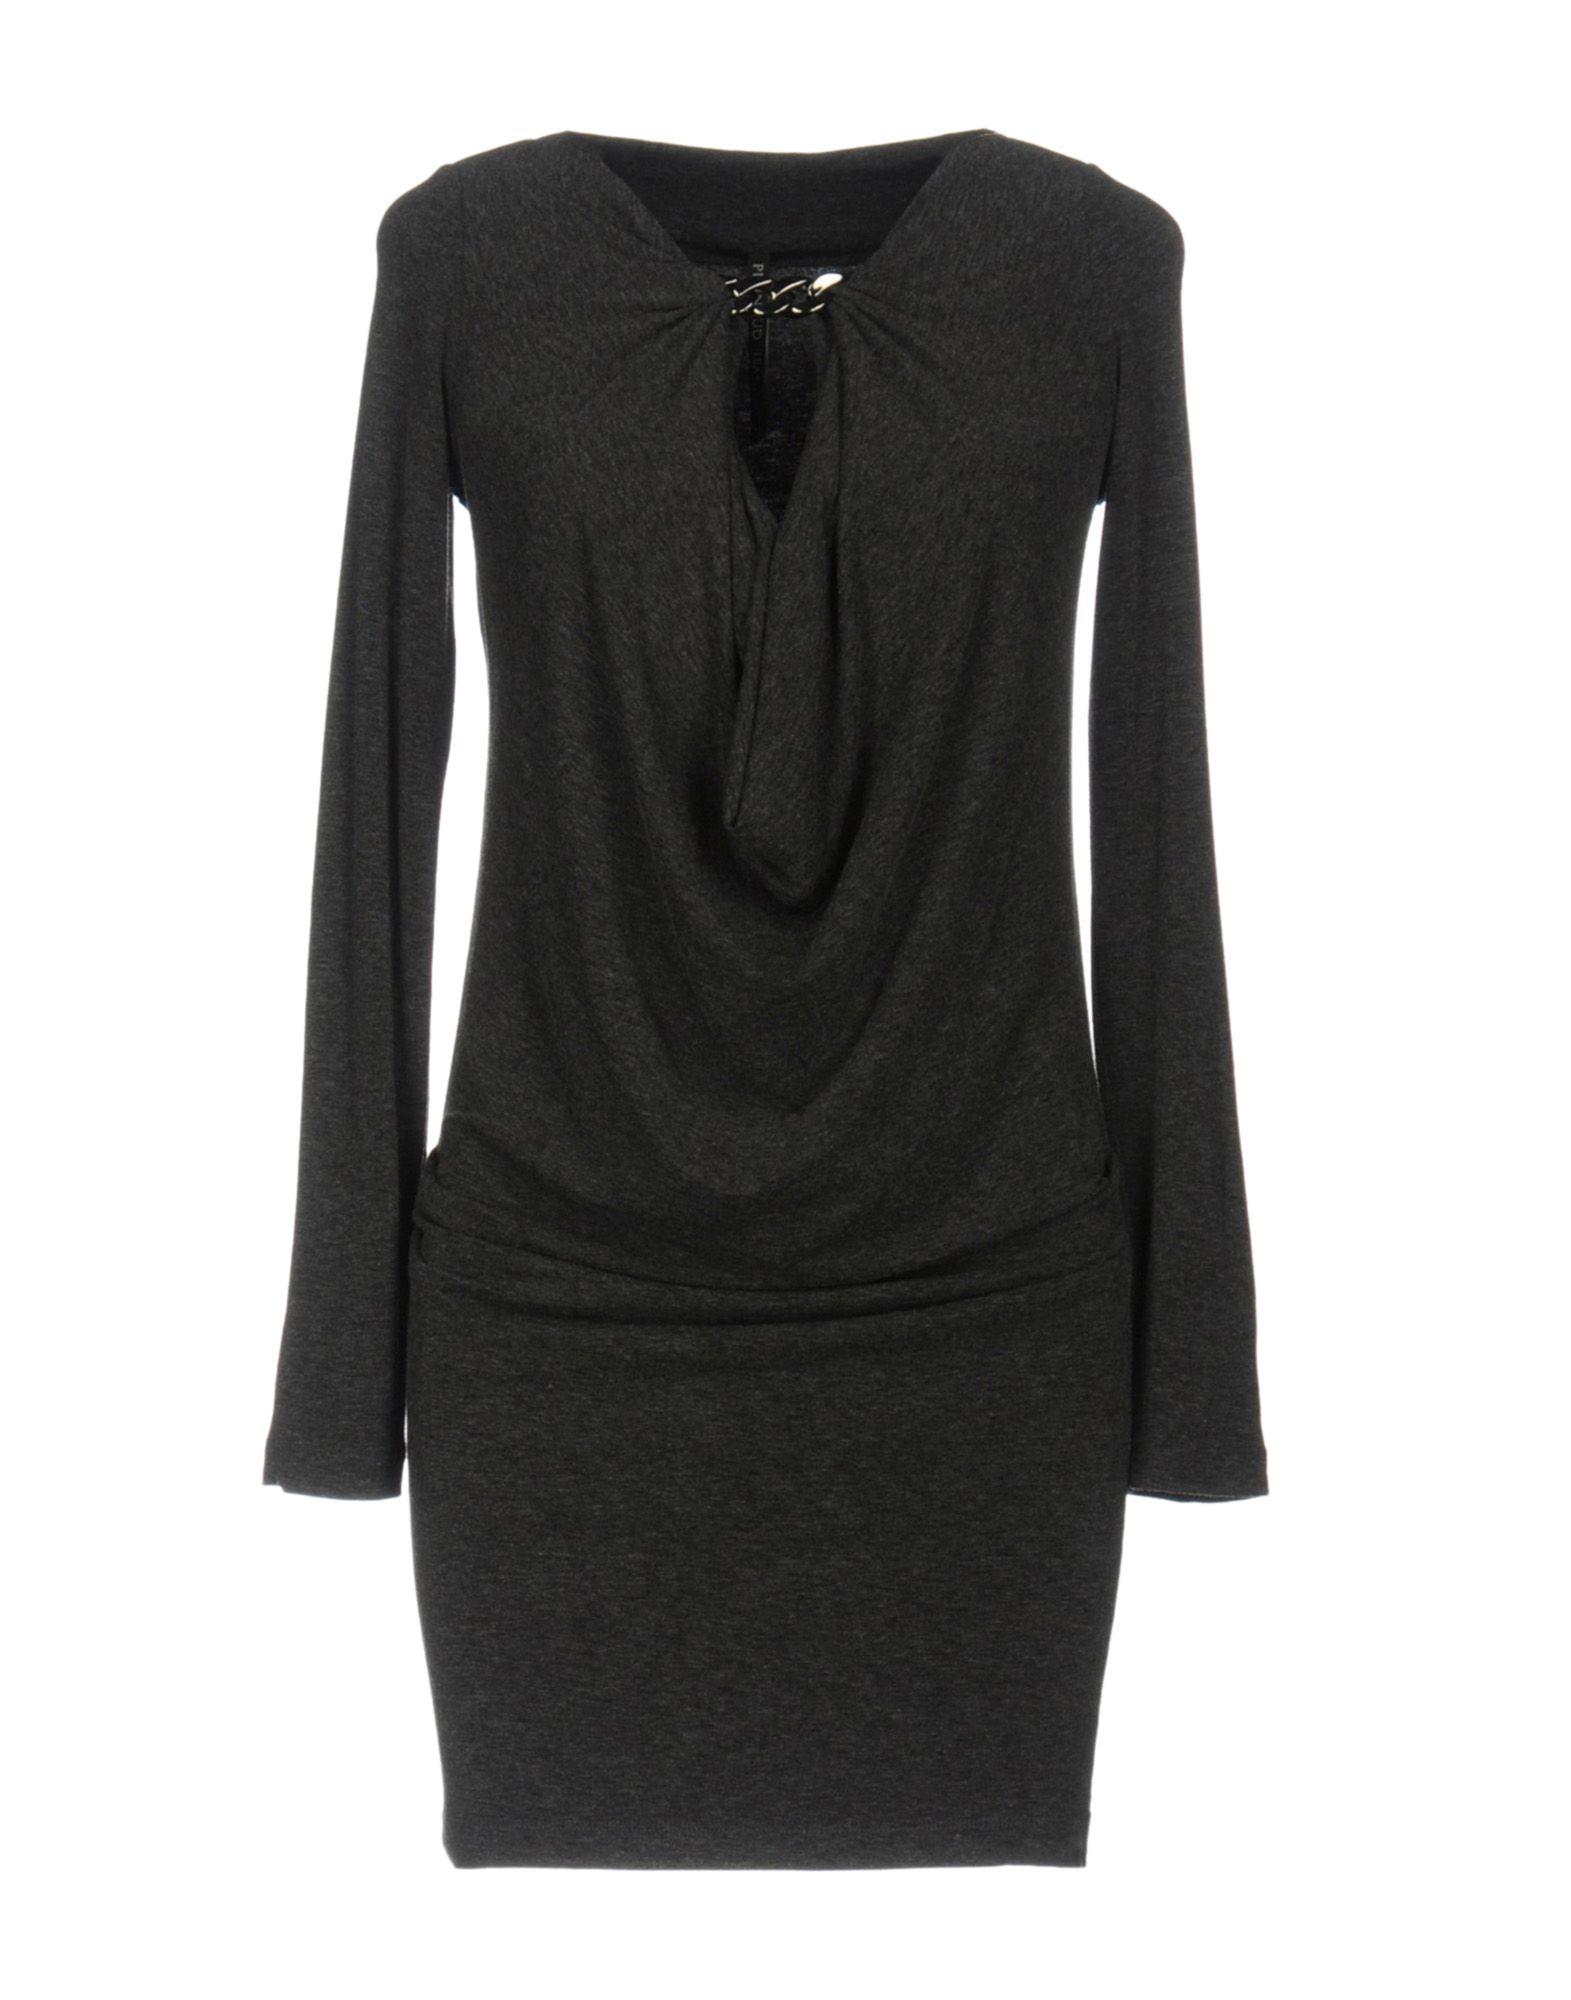 PLEIN SUD JEANIUS Short Dress in Steel Grey